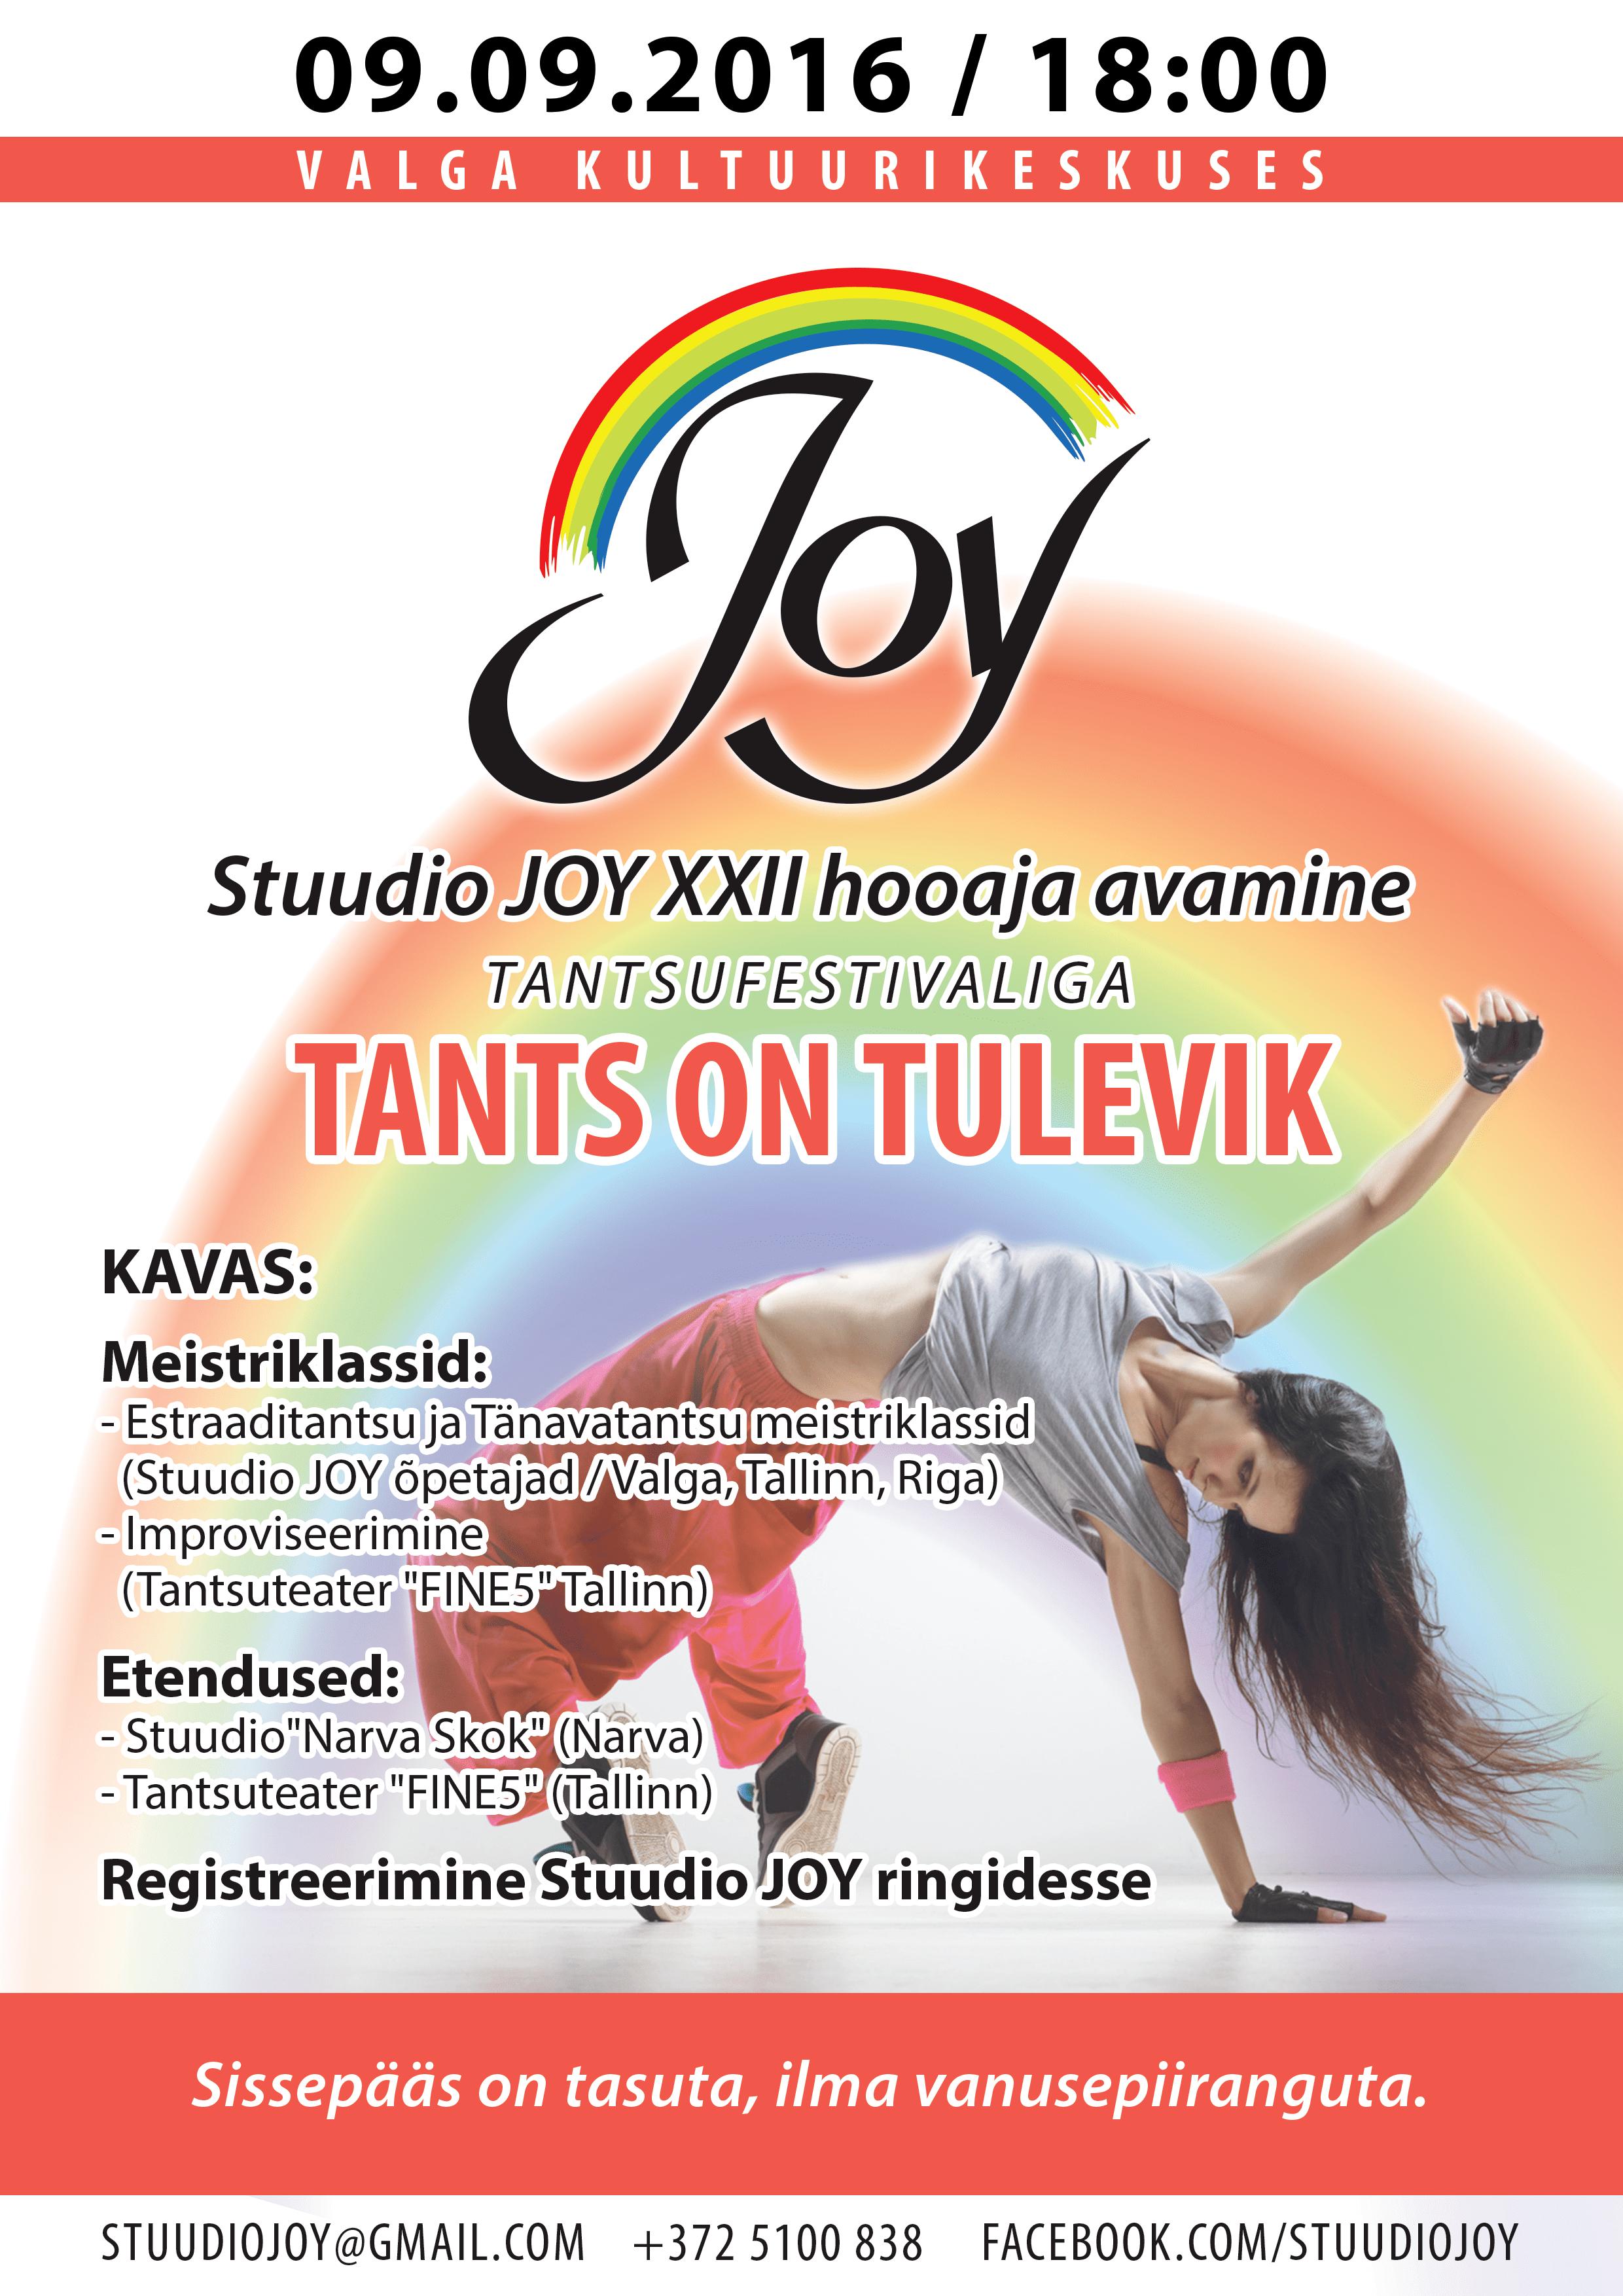 VALGA Stuudio 'JOY' uue hooaja avamine 2016/2017